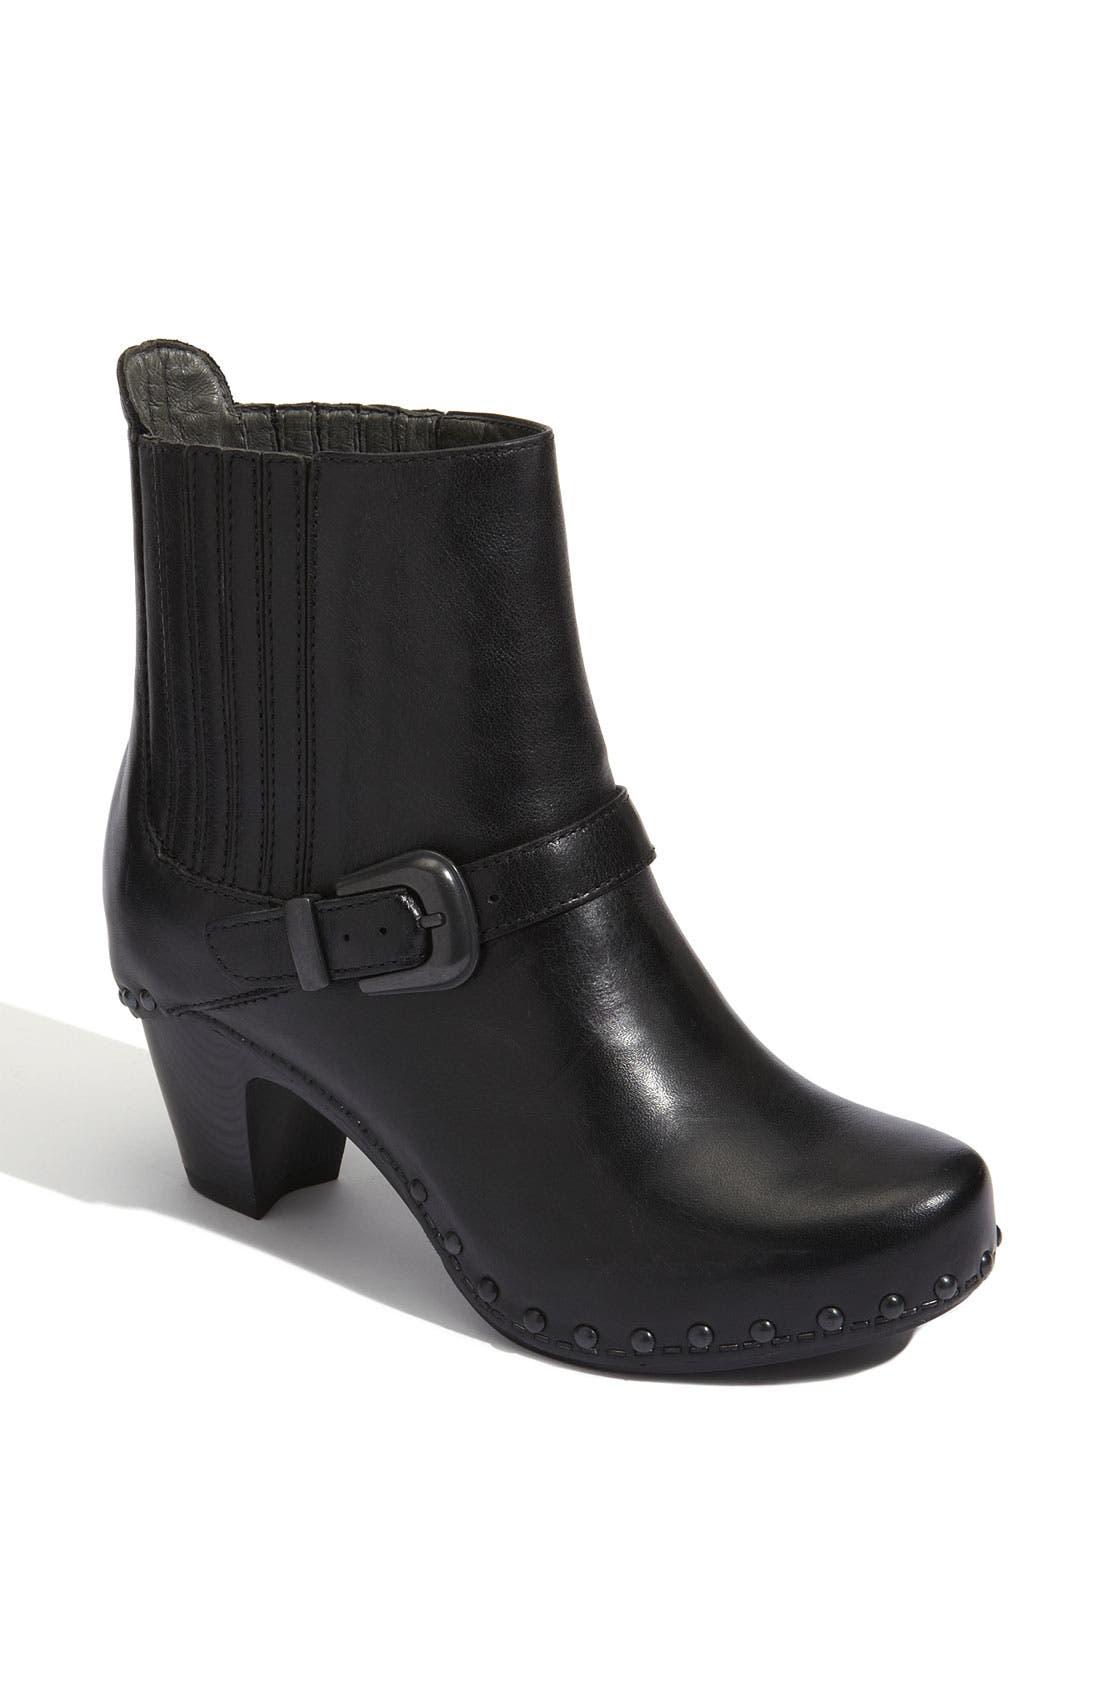 Alternate Image 1 Selected - Dansko 'Rhianna' Boot